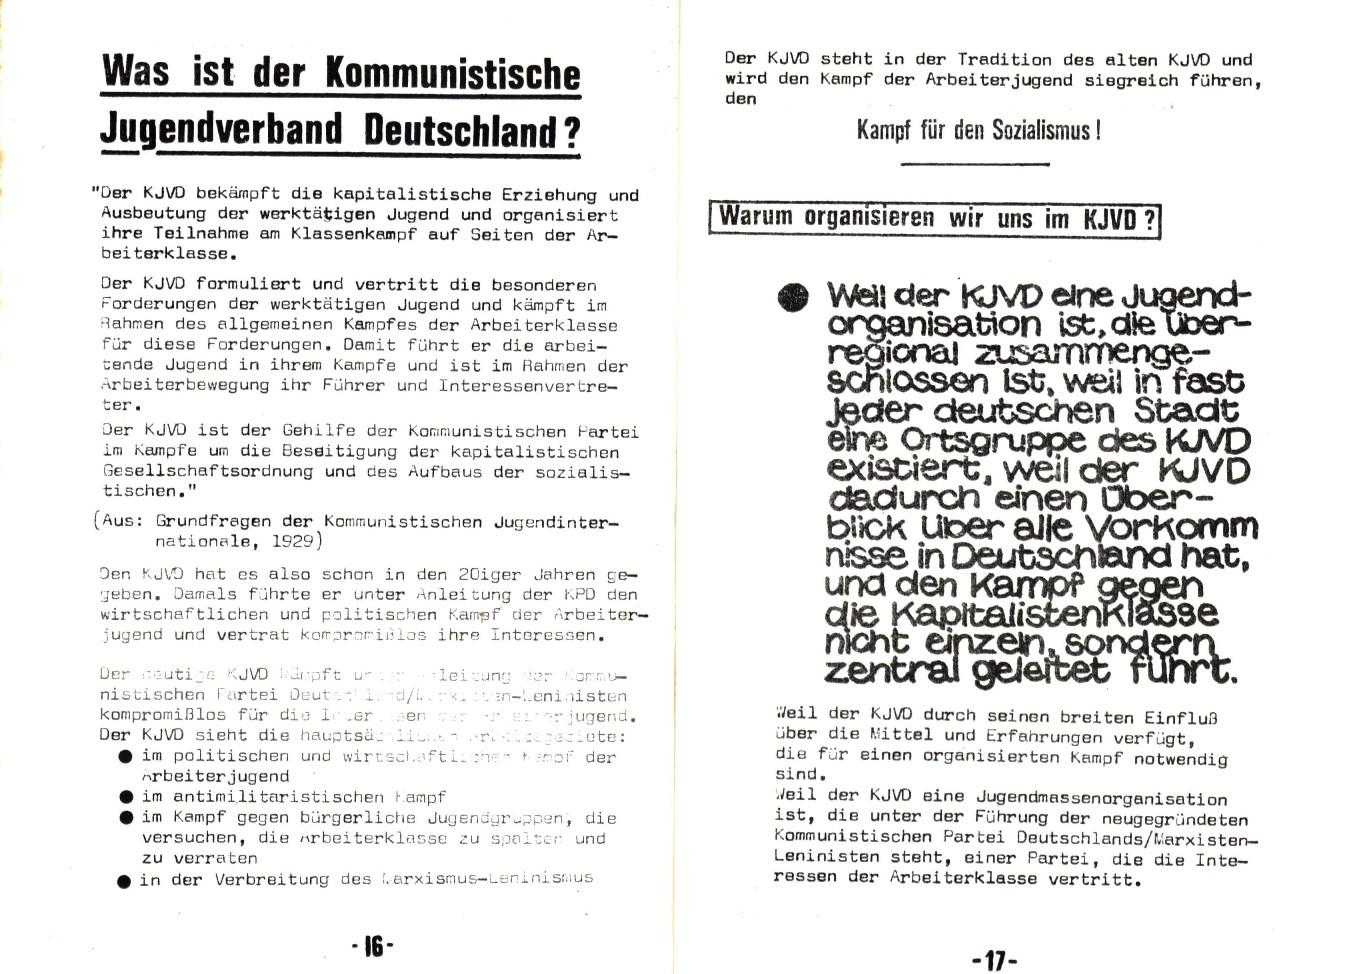 KJVD_1971_Der_wirtschaftliche_Kampf_der_Arbeiterjugend_09